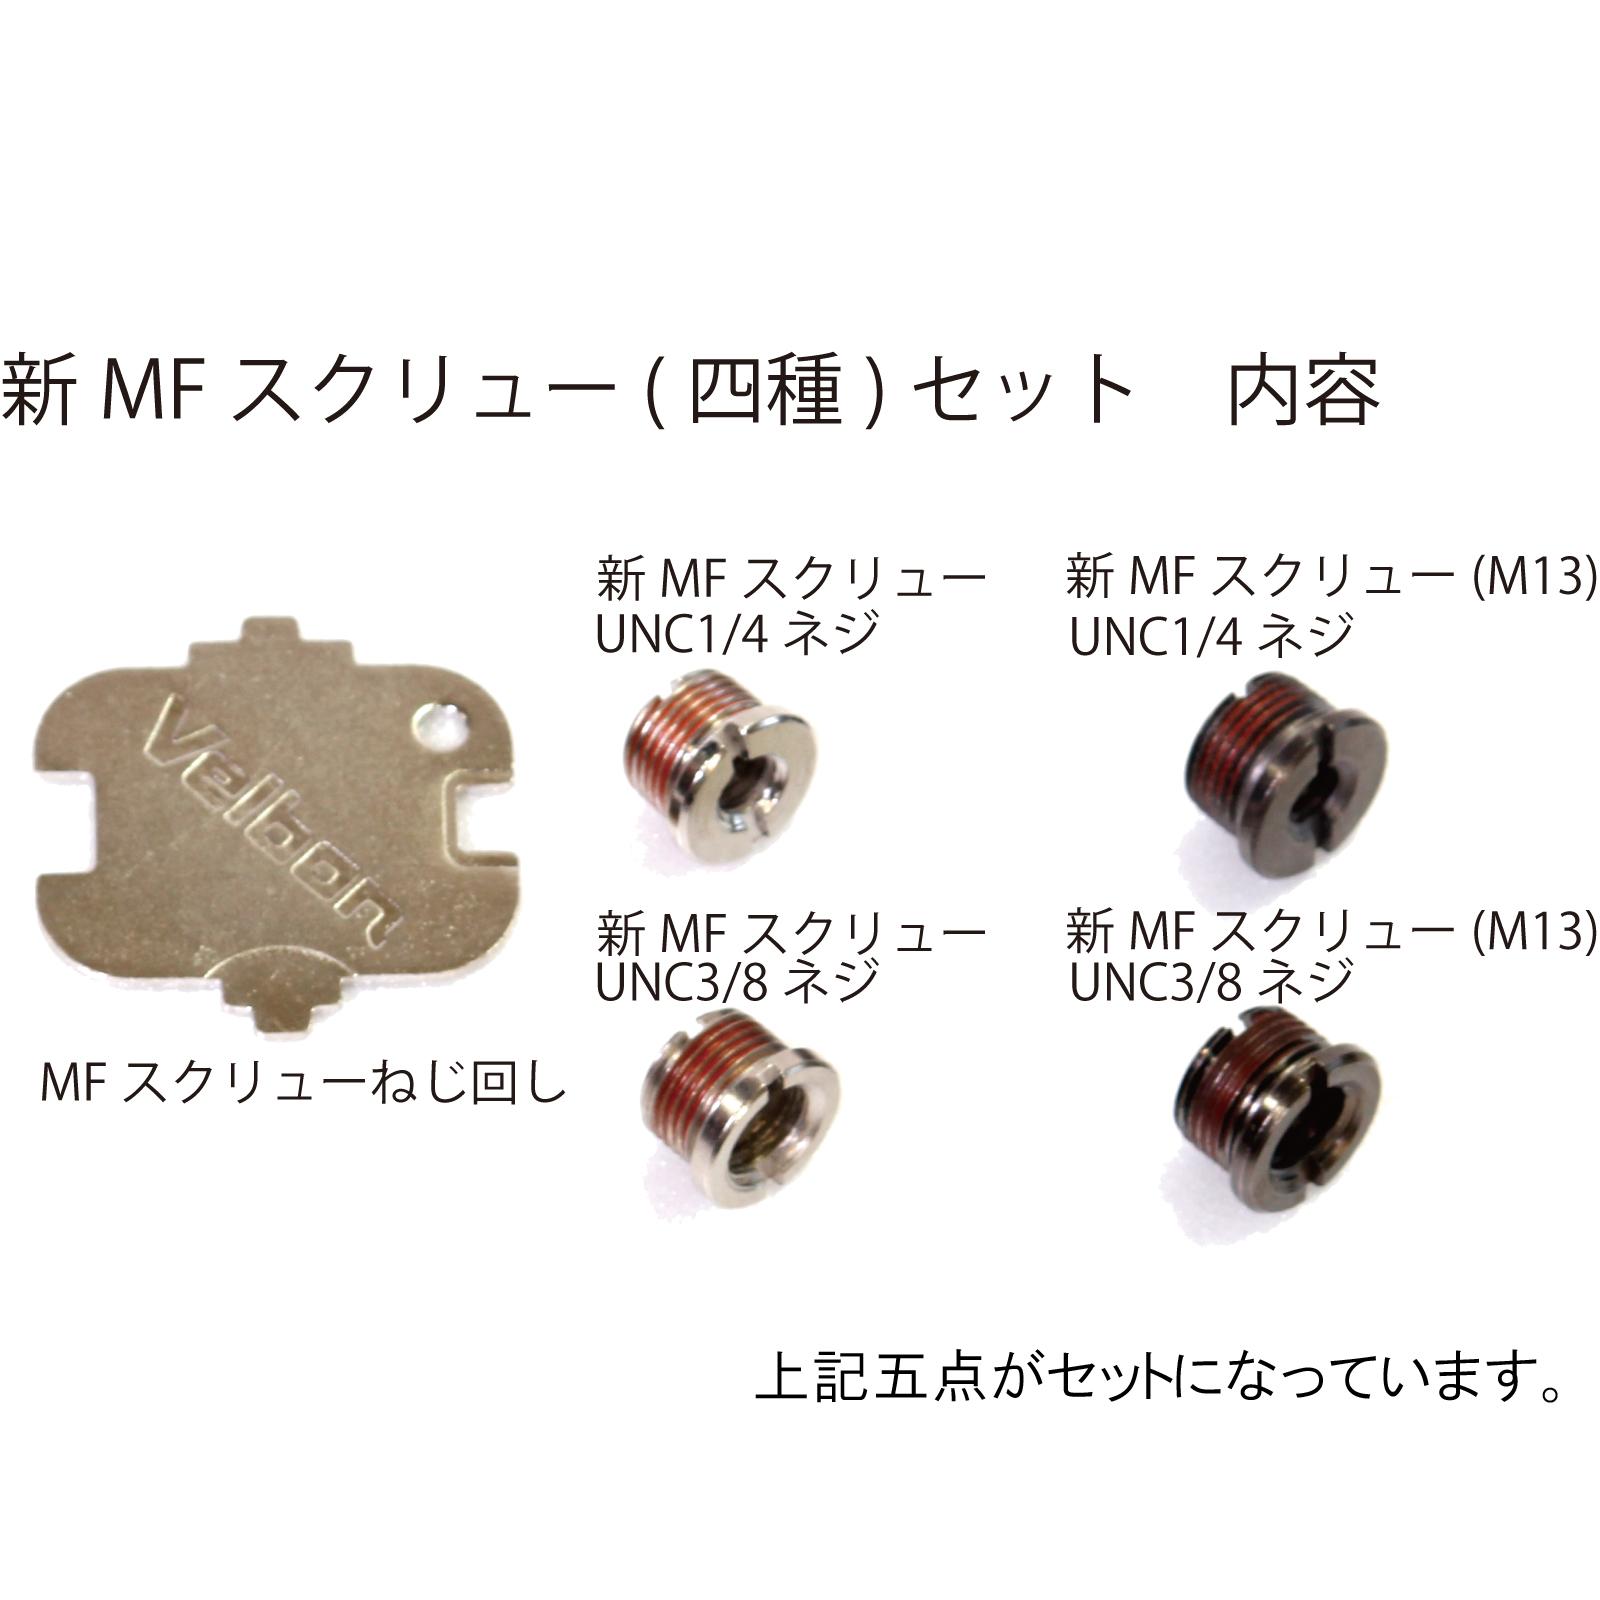 新MFスクリュー(4種) セット